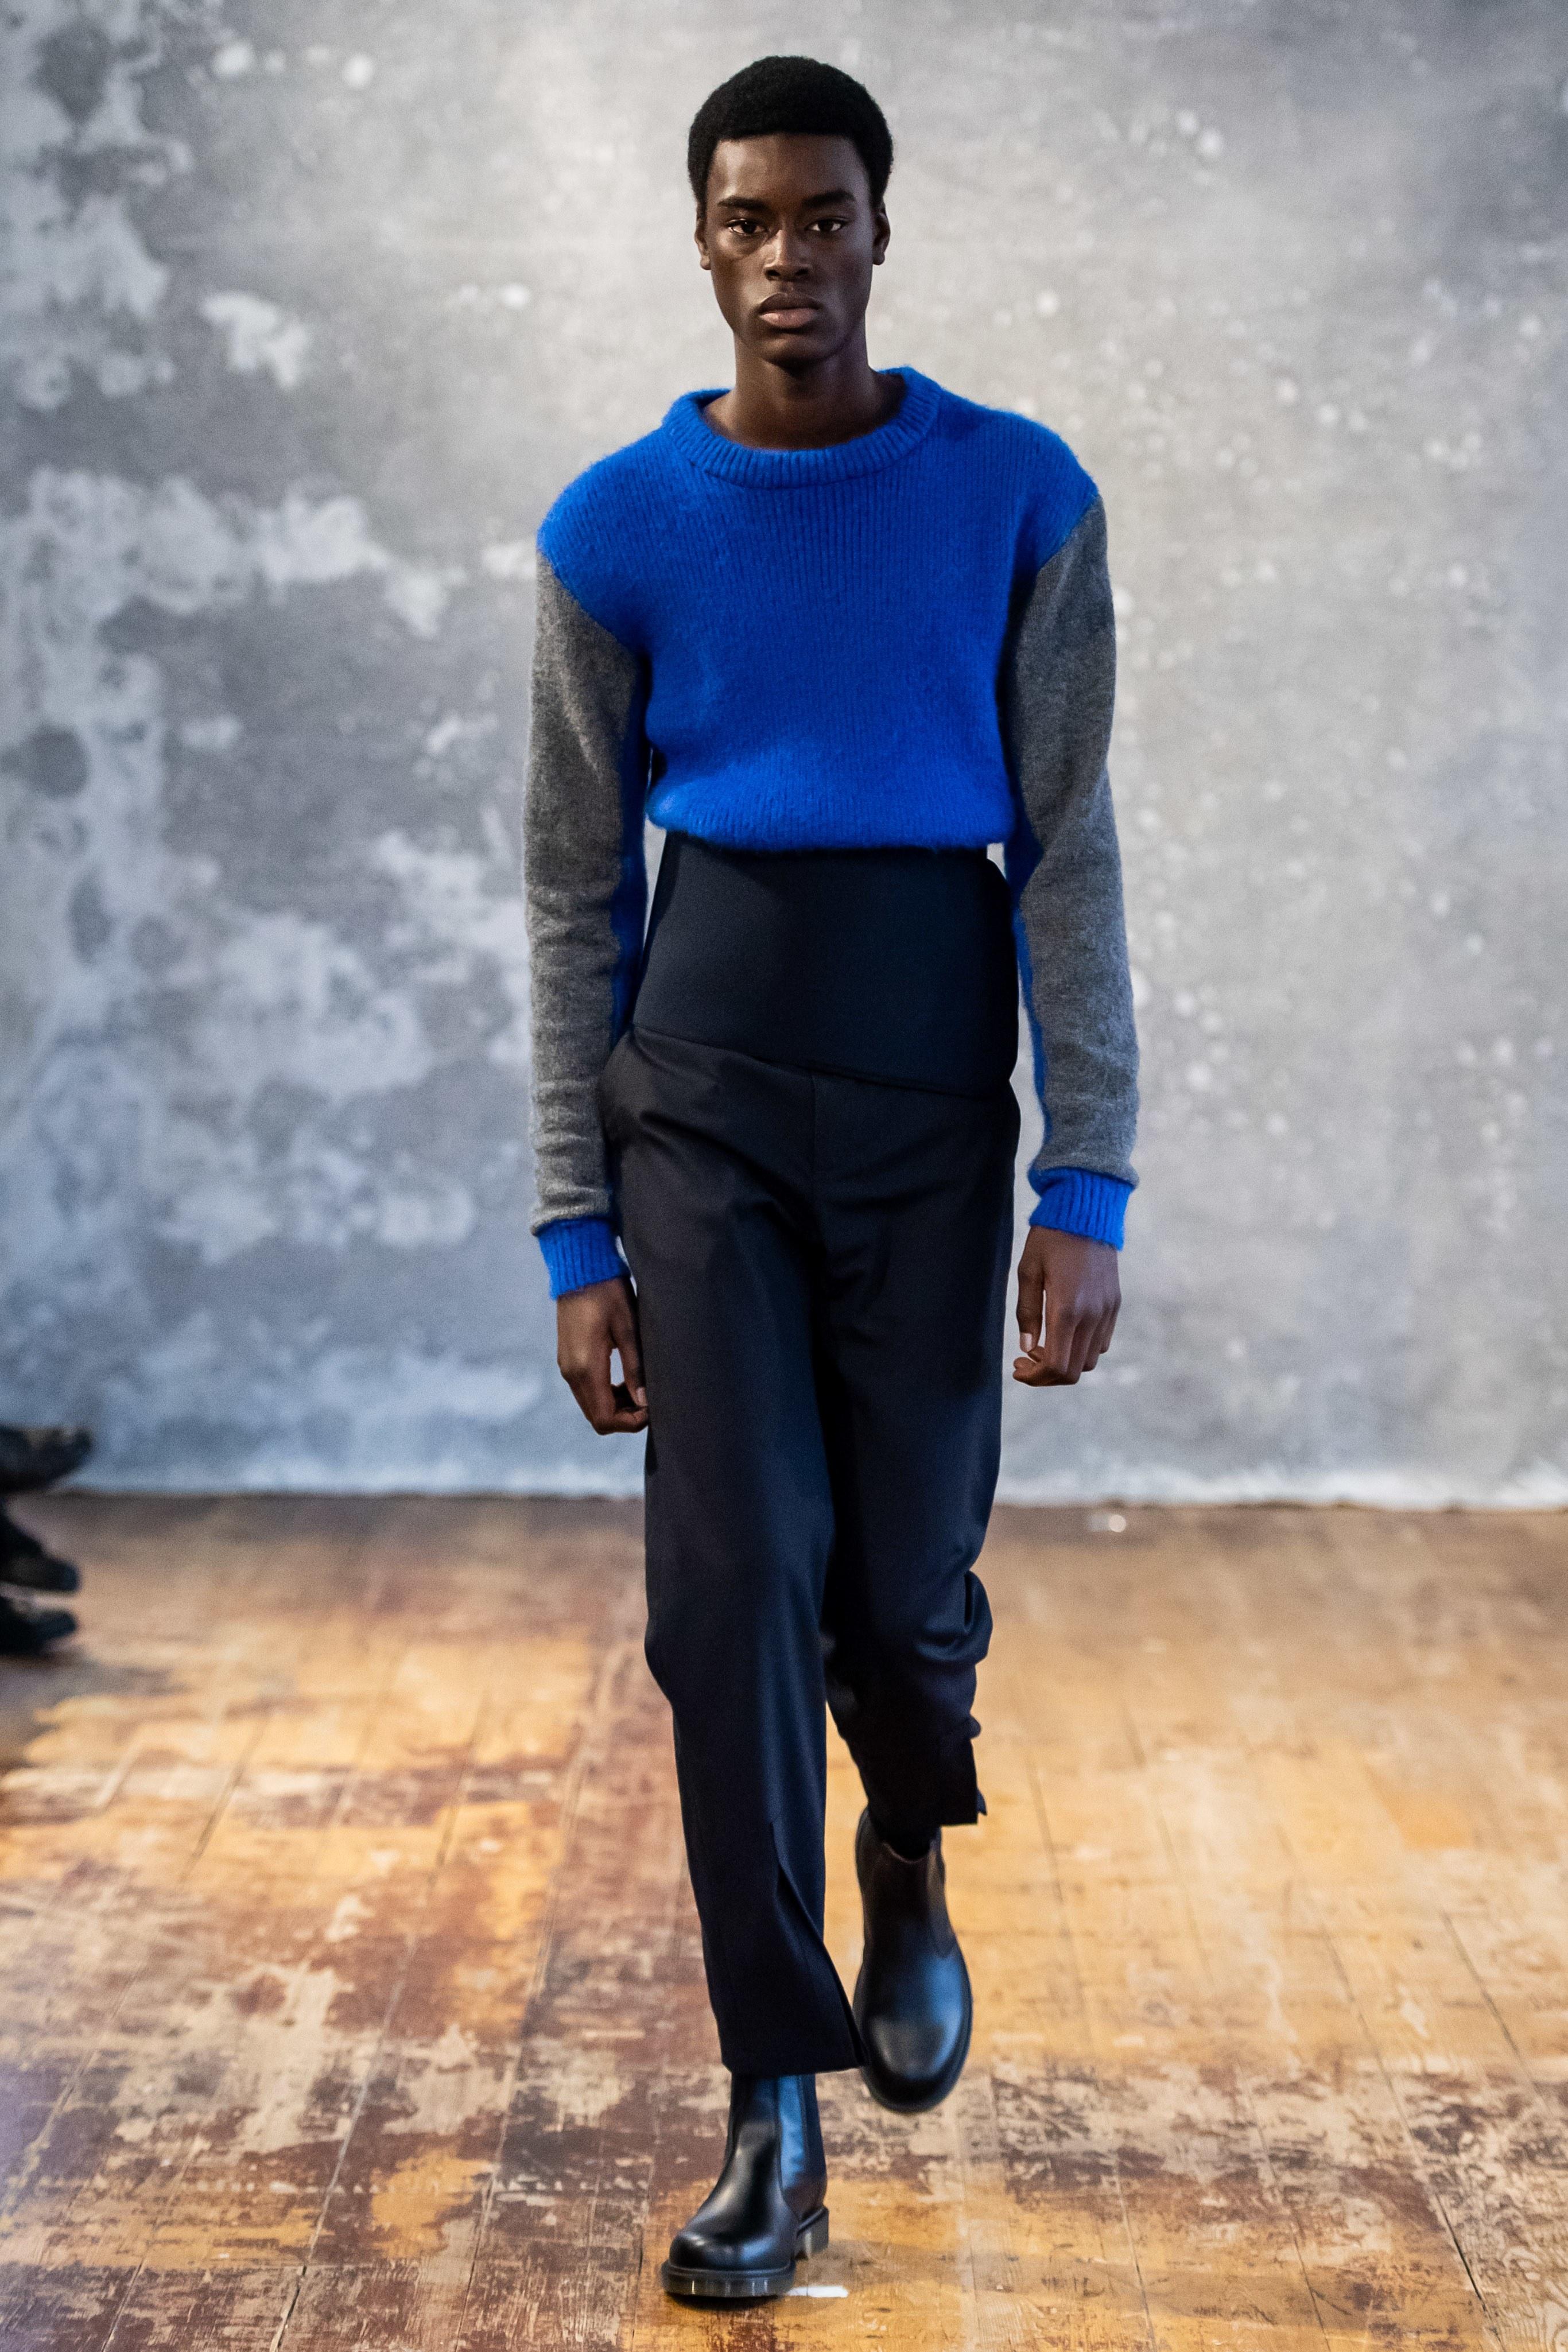 a35a49e61f621 Para conferir mais dicas de moda para homens e também um conteúdo completo  sobre estilo de homem e tendências masculinas 2019, é só seguir nosso canal  de ...